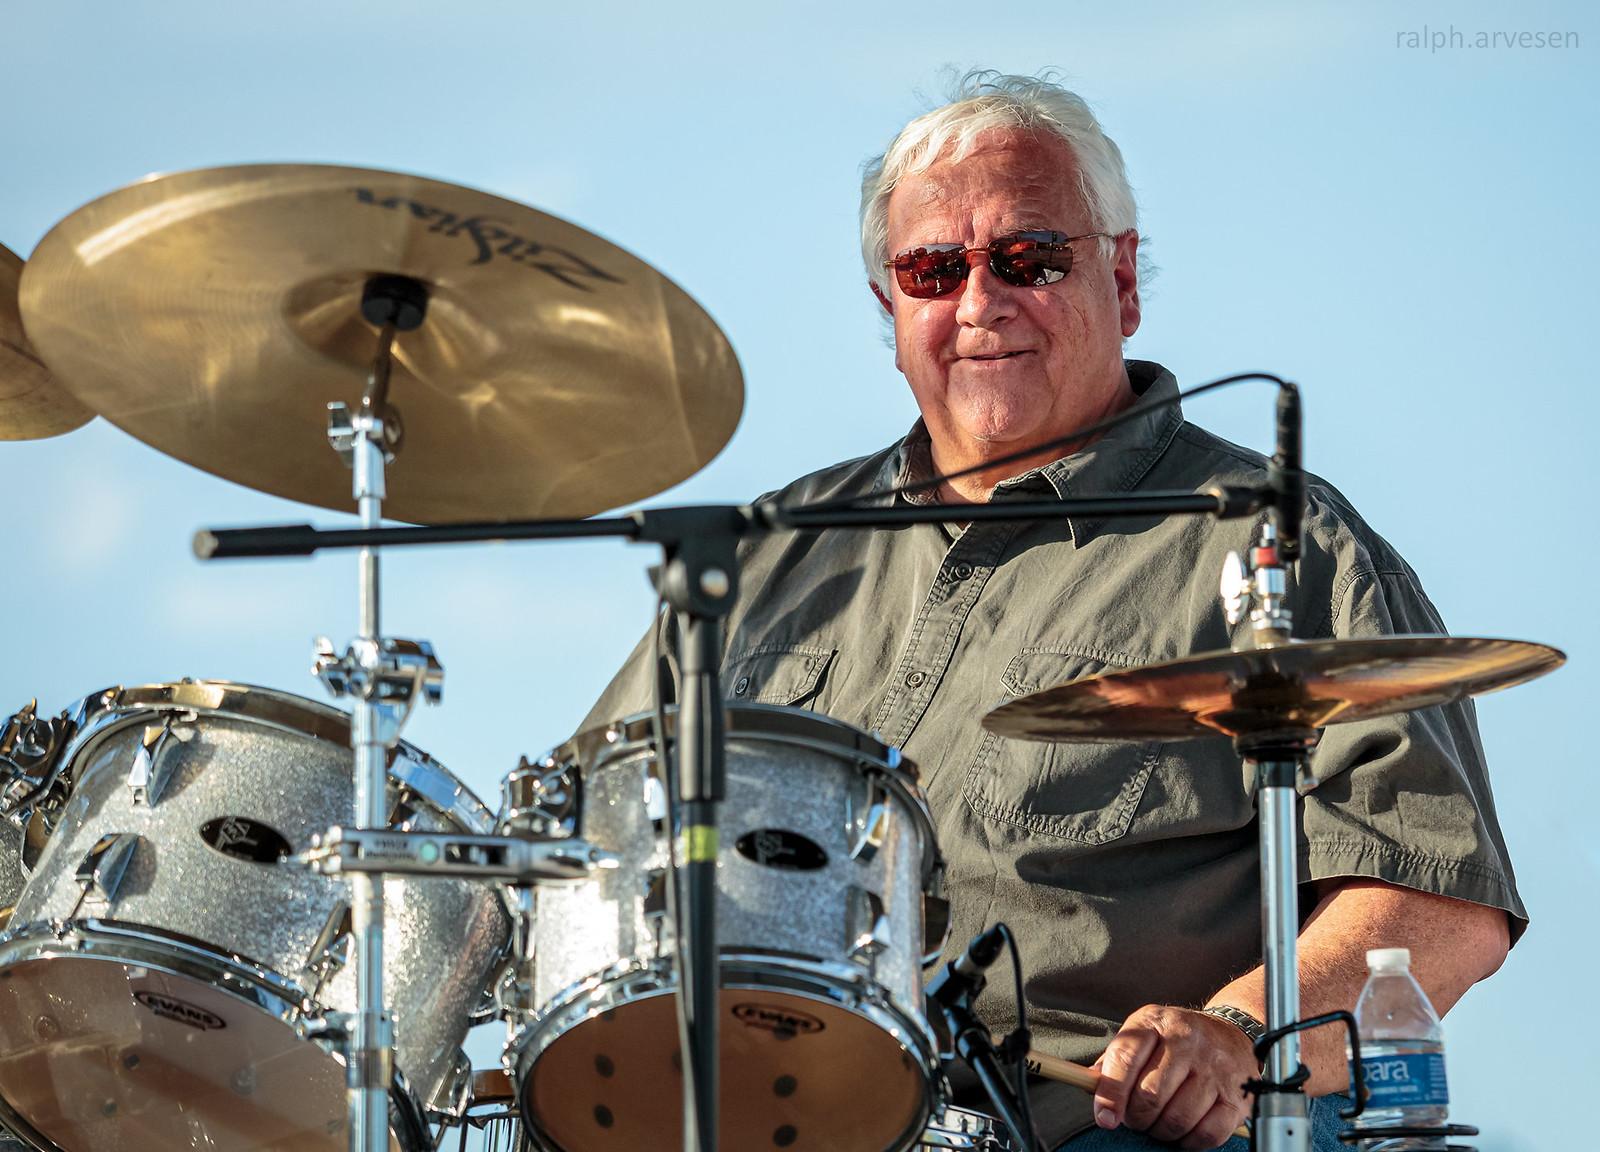 Alan Whitehead | Texas Review | Ralph Arvesen